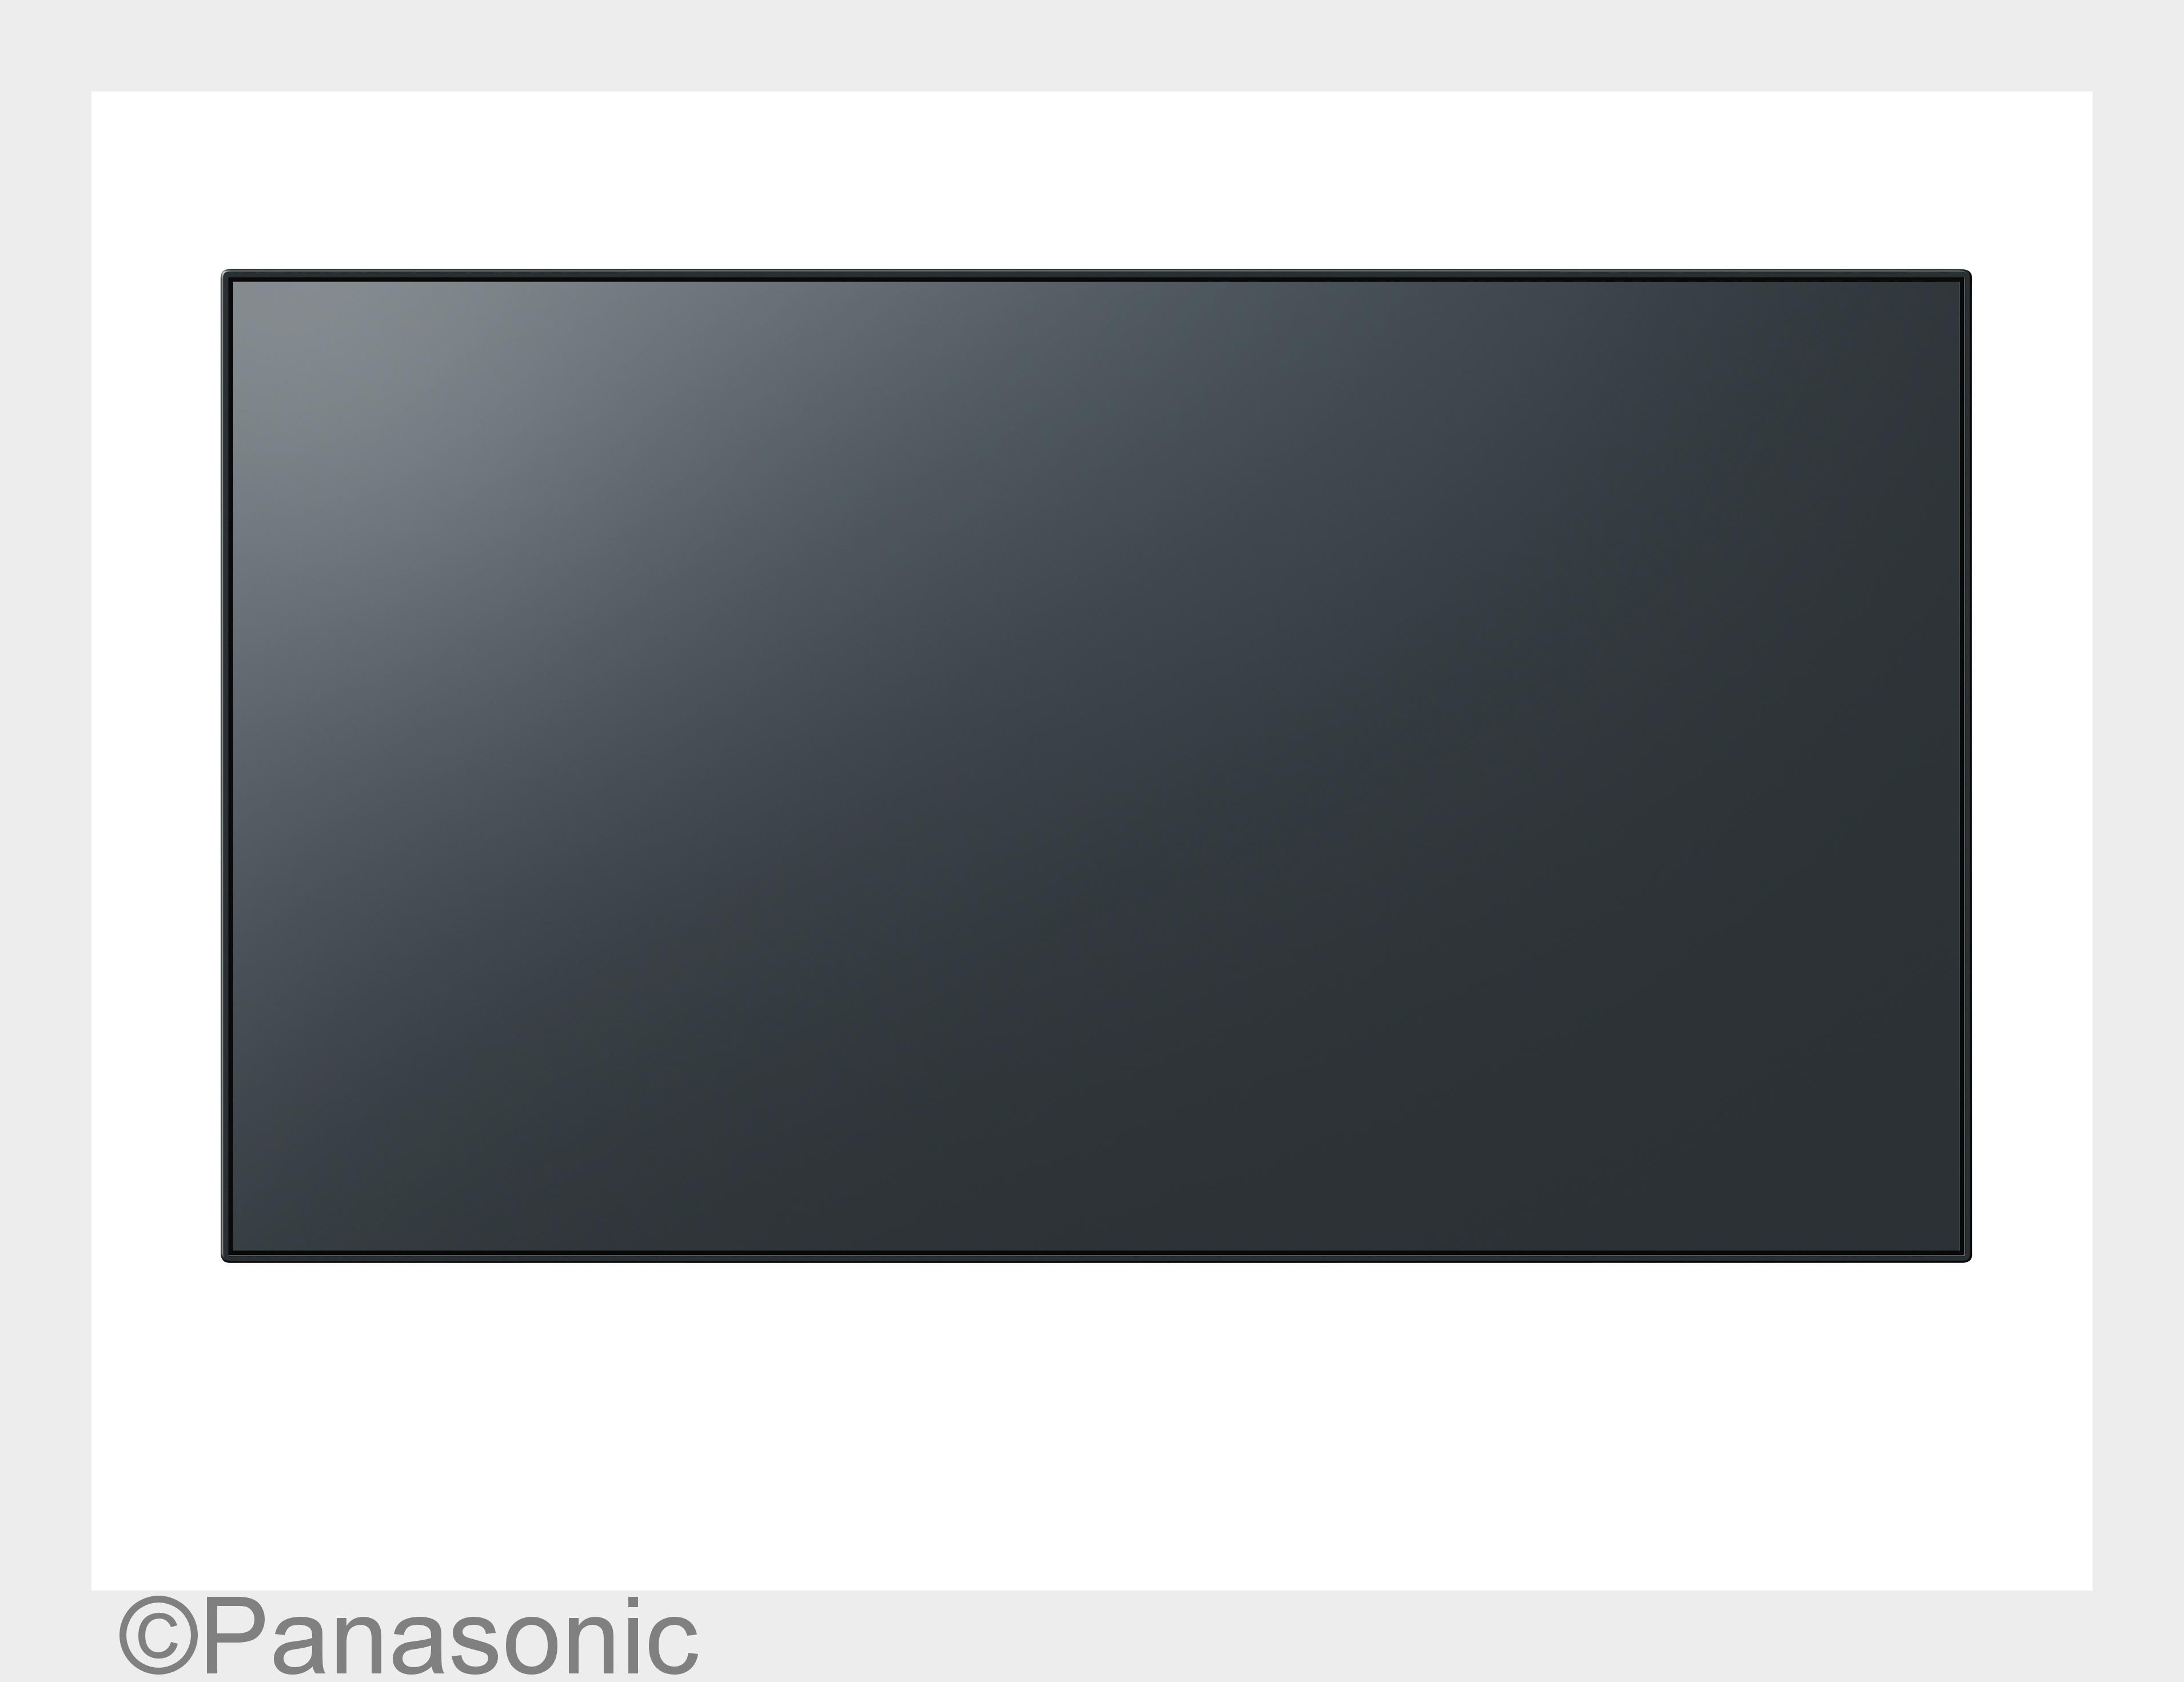 Neue Panasonic Displays mit erweiterten Bilddiagonalen, schmaleren Rahmen und besserer Konnektivit#xE4t